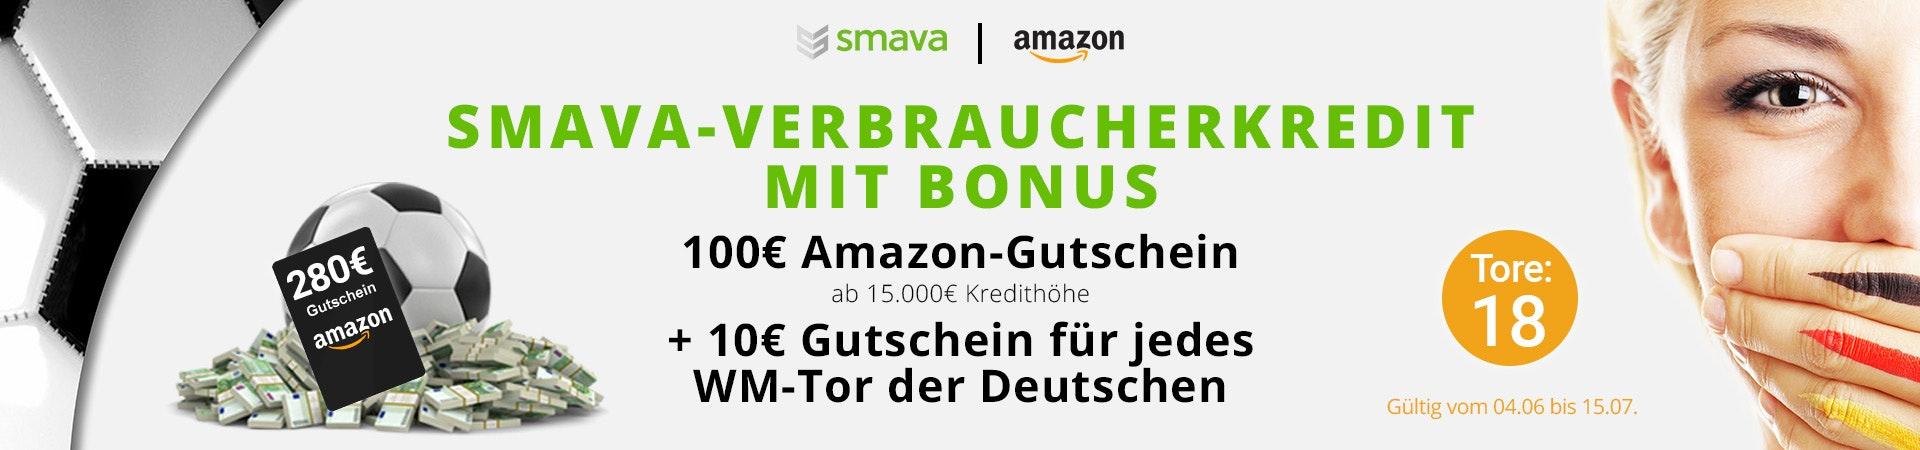 Coole Smava-Aktion: 15.000€ Kredit sichern und bei Deutschland-Toren abkassieren